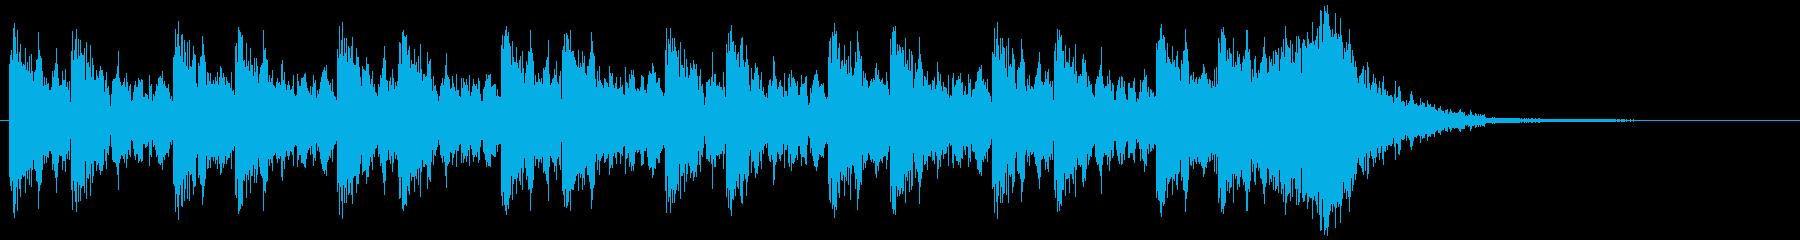 壮大/迫力/恐怖/ホラー/オーケストラの再生済みの波形